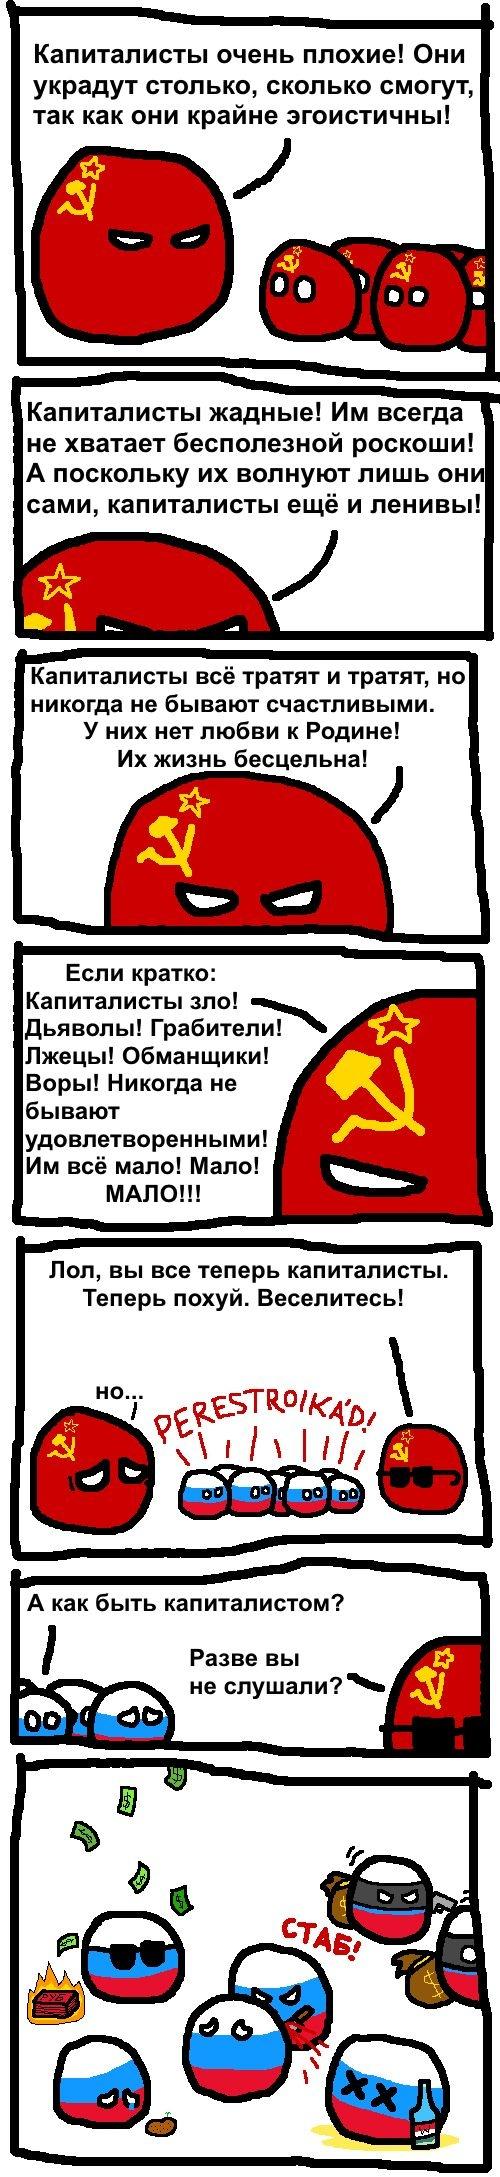 Смешные комиксы (20 картинок) 15.07.2014